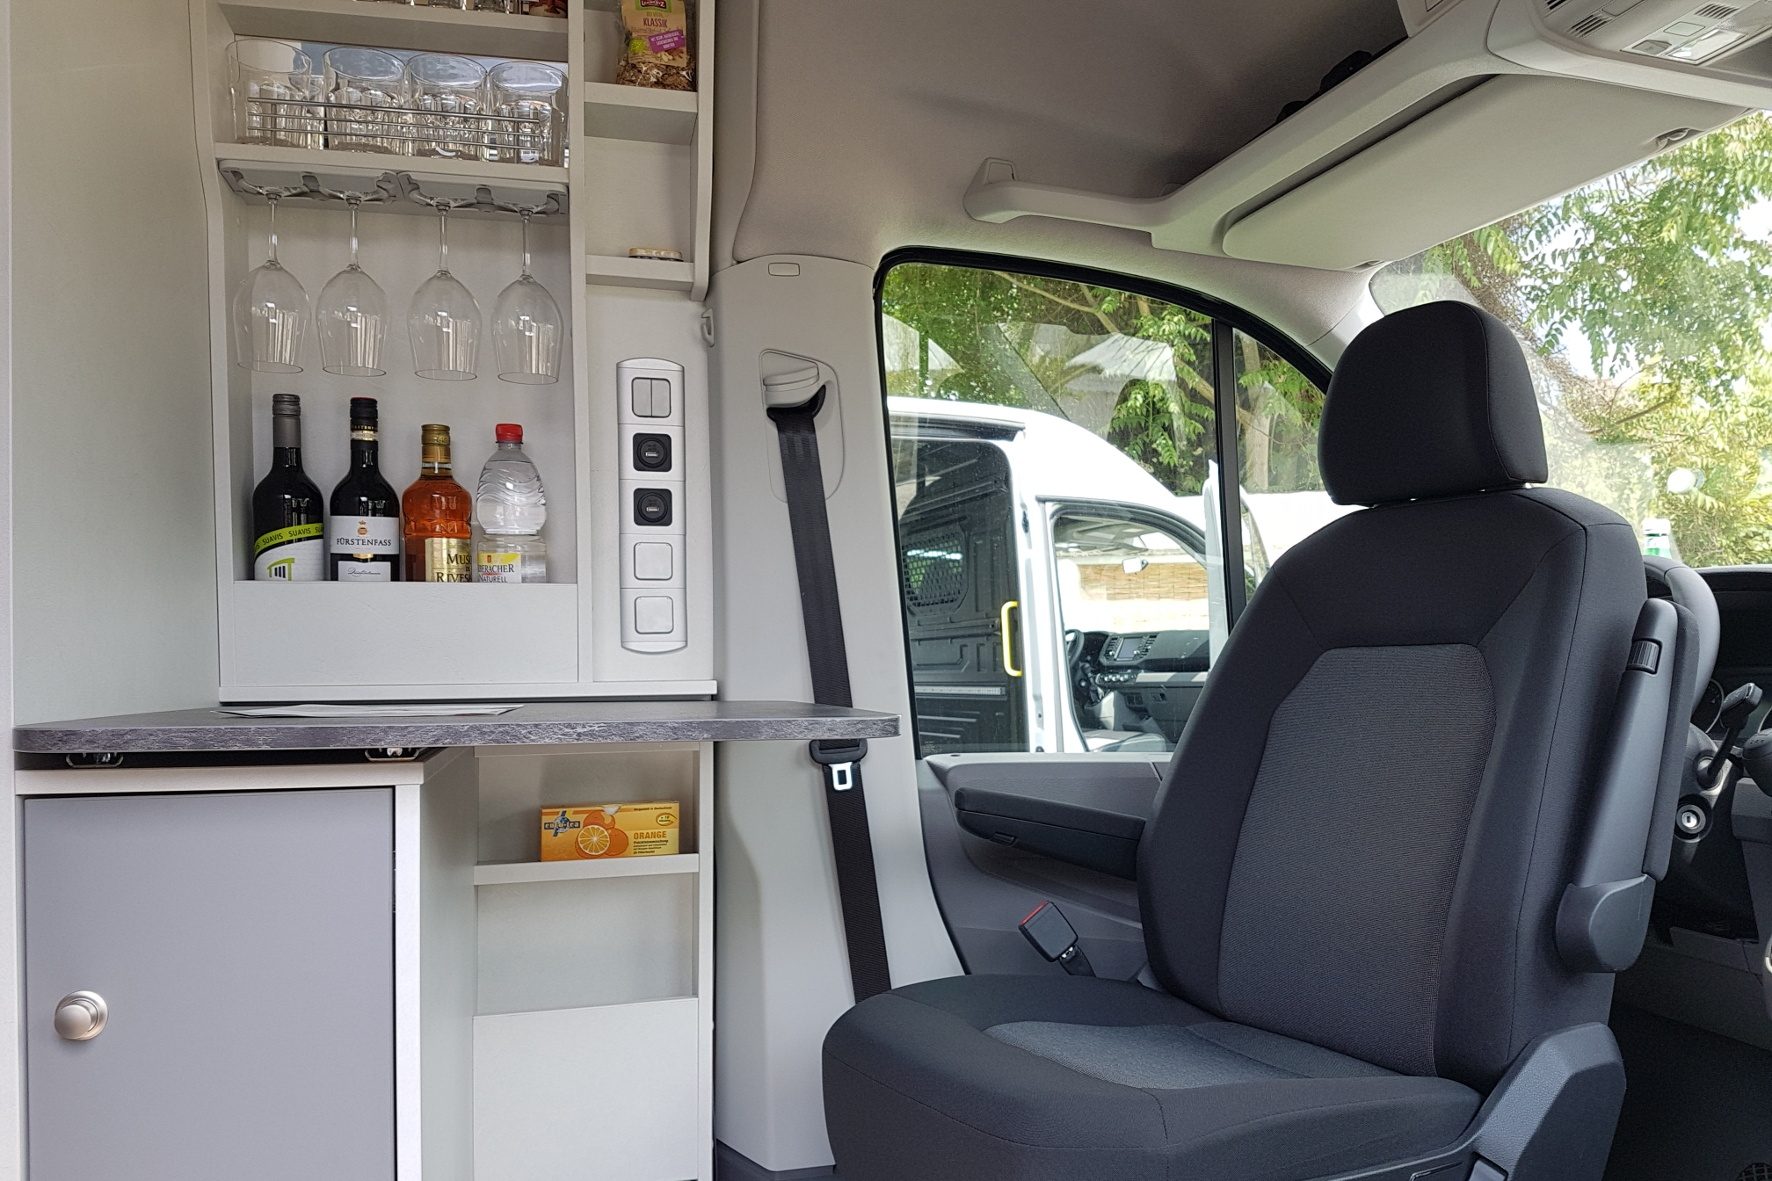 - Die Minibar im Schwabenmobil von HRZ-Reisemobile. © Jutta Bernhard / mid / TRD mobil